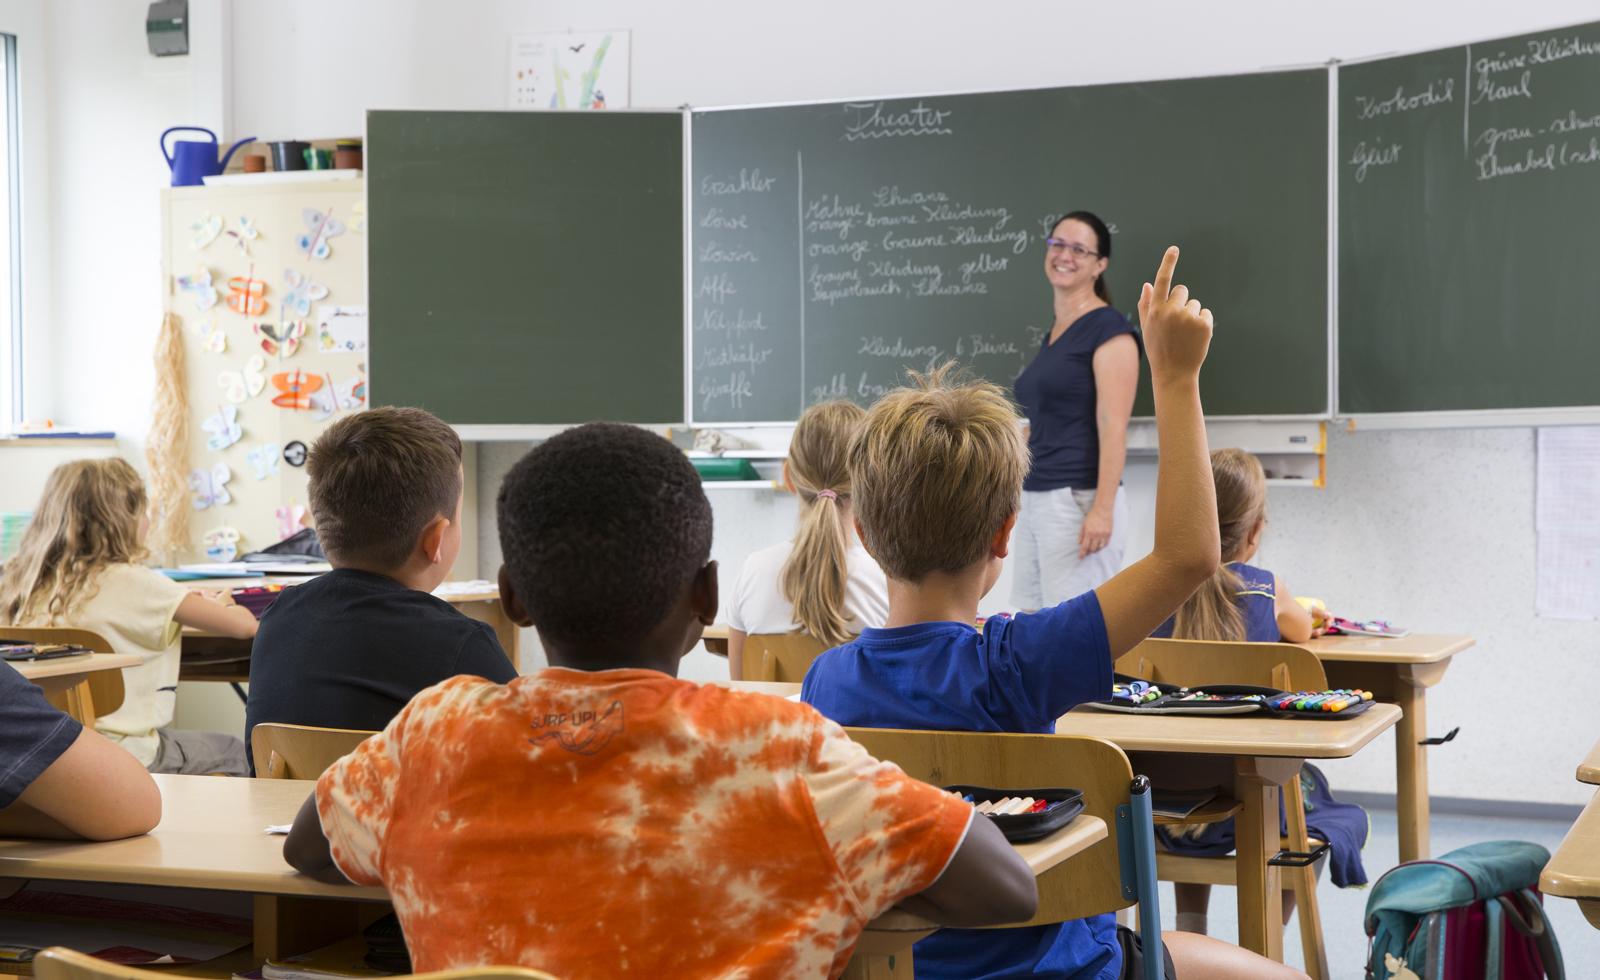 Bild von einer Schulklasse